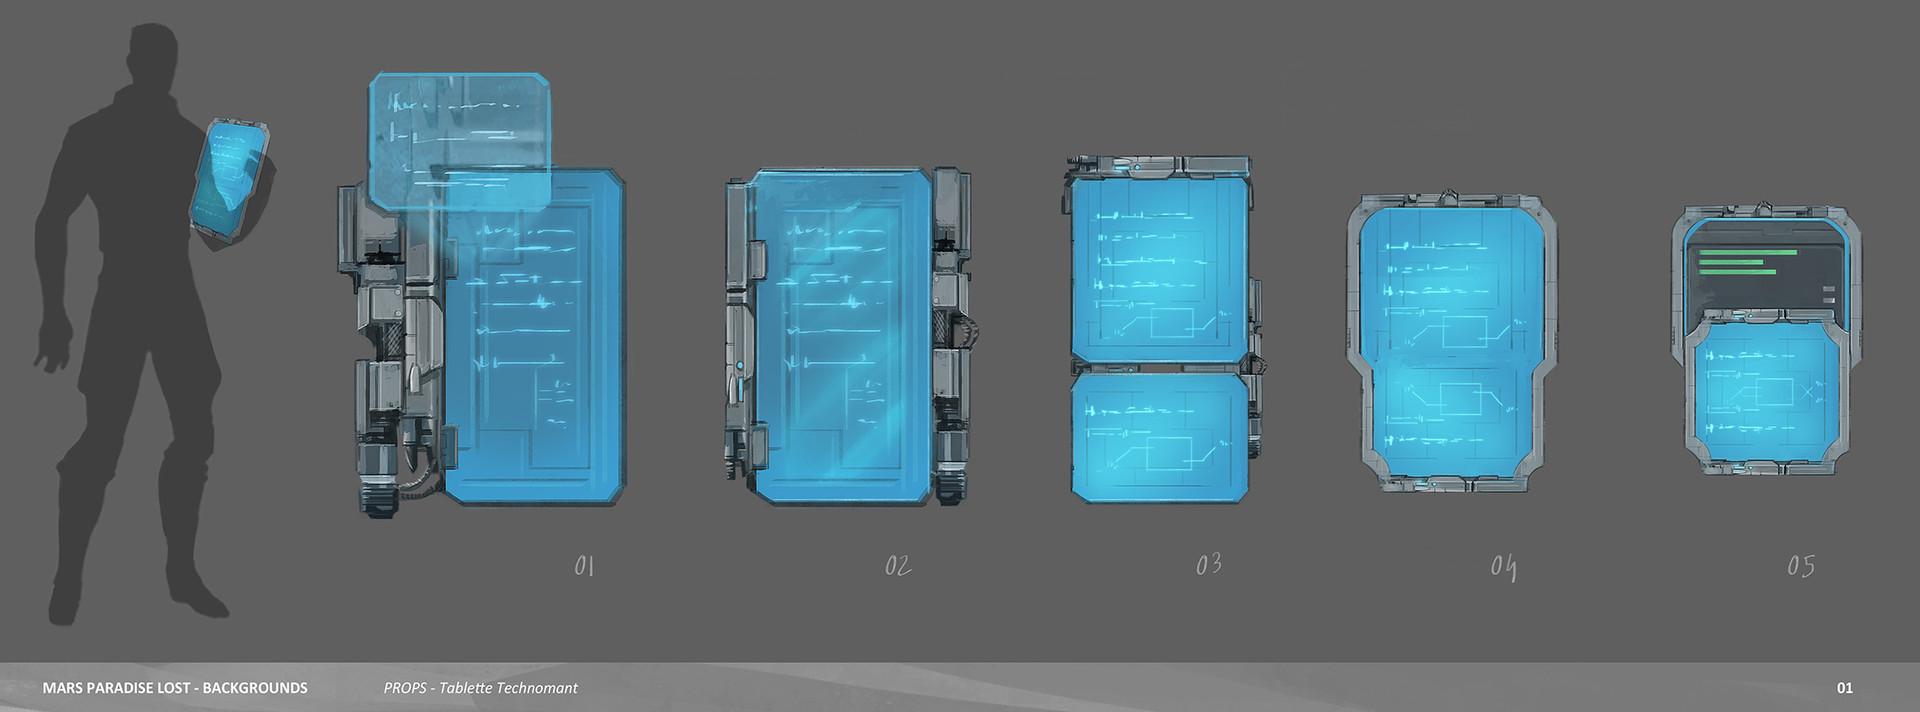 Alexandre chaudret mpl props tablette technomant01